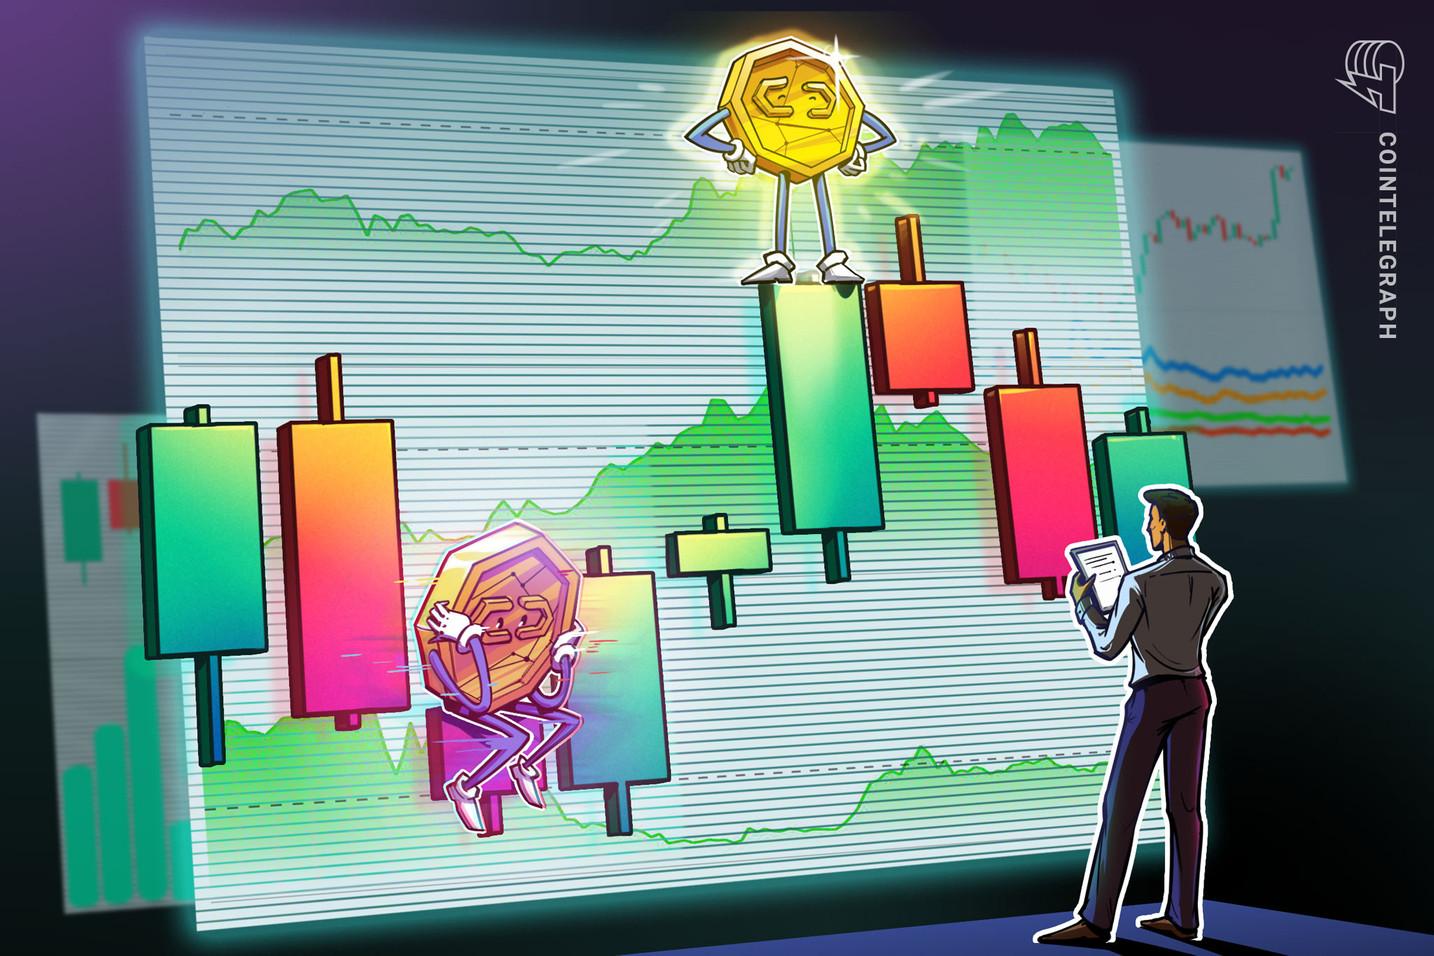 Analista diz que Cardano e mais 5 altcoins podem subir 40% e superar o Bitcoin que ainda tem que vencer US$ 57 mil para atingir novos recordes